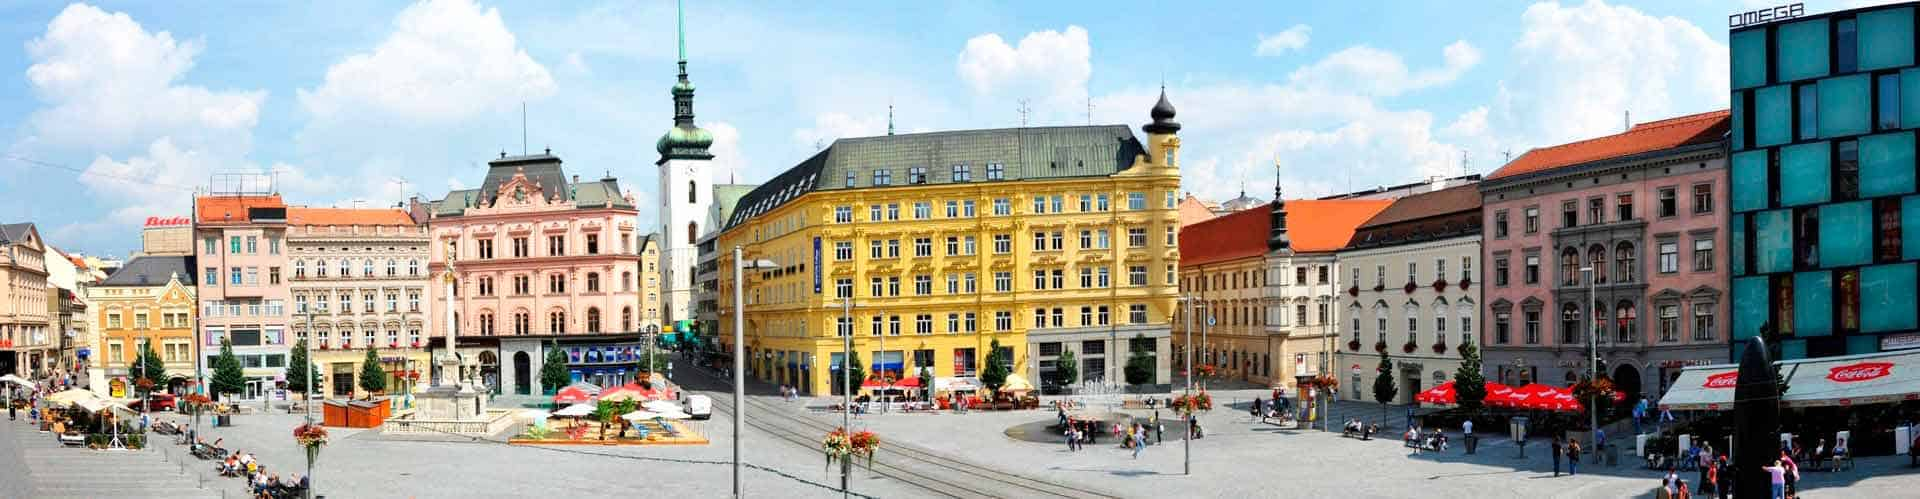 Free Tour Brno - Turismo de República Checa